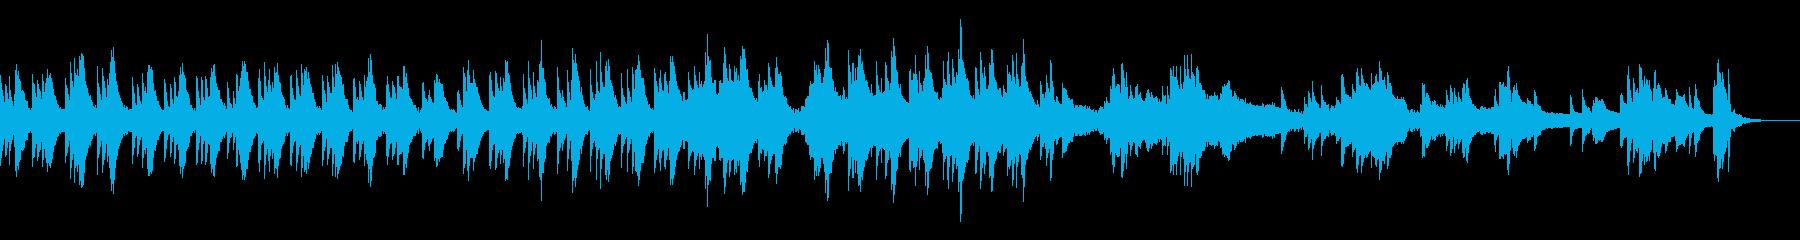 優しい陽射しをイメージしたピアノサウンドの再生済みの波形